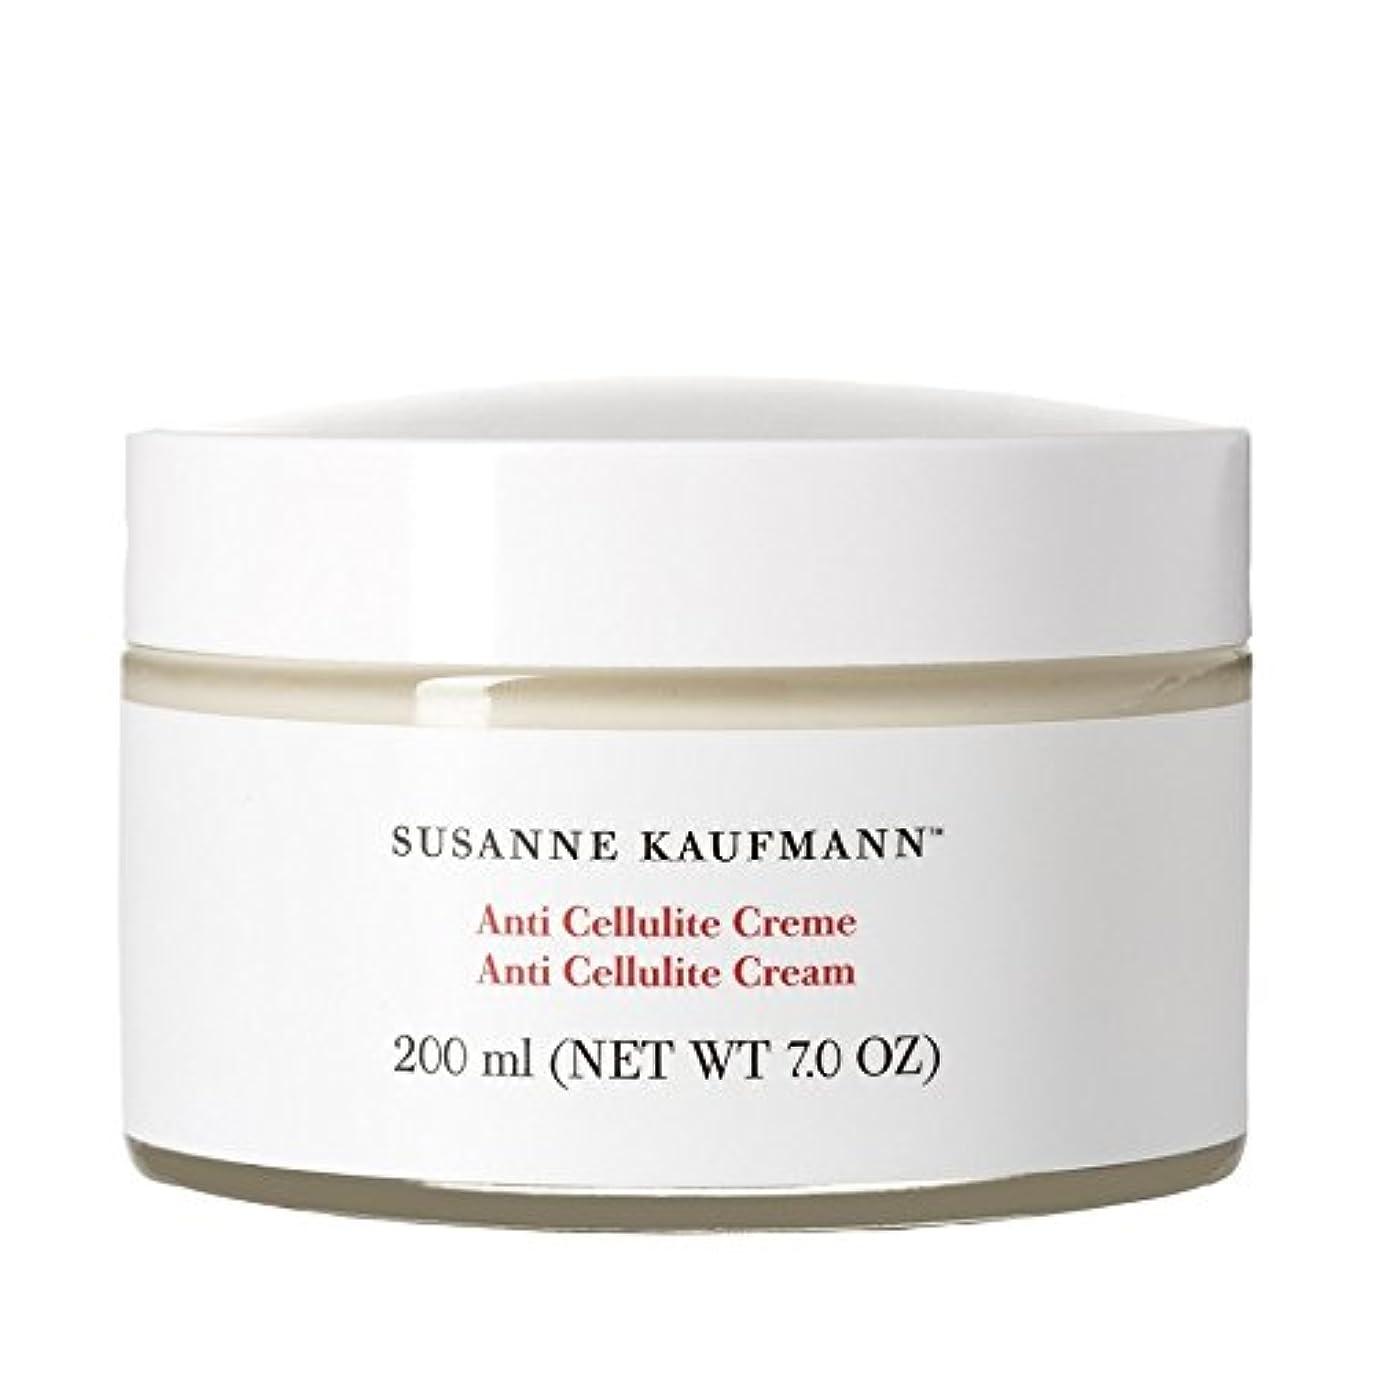 ティーンエイジャーマーカー汚染Susanne Kaufmann Anti Cellulite Cream 200ml - スザンヌカウフマン抗セルライトクリーム200ミリリットル [並行輸入品]